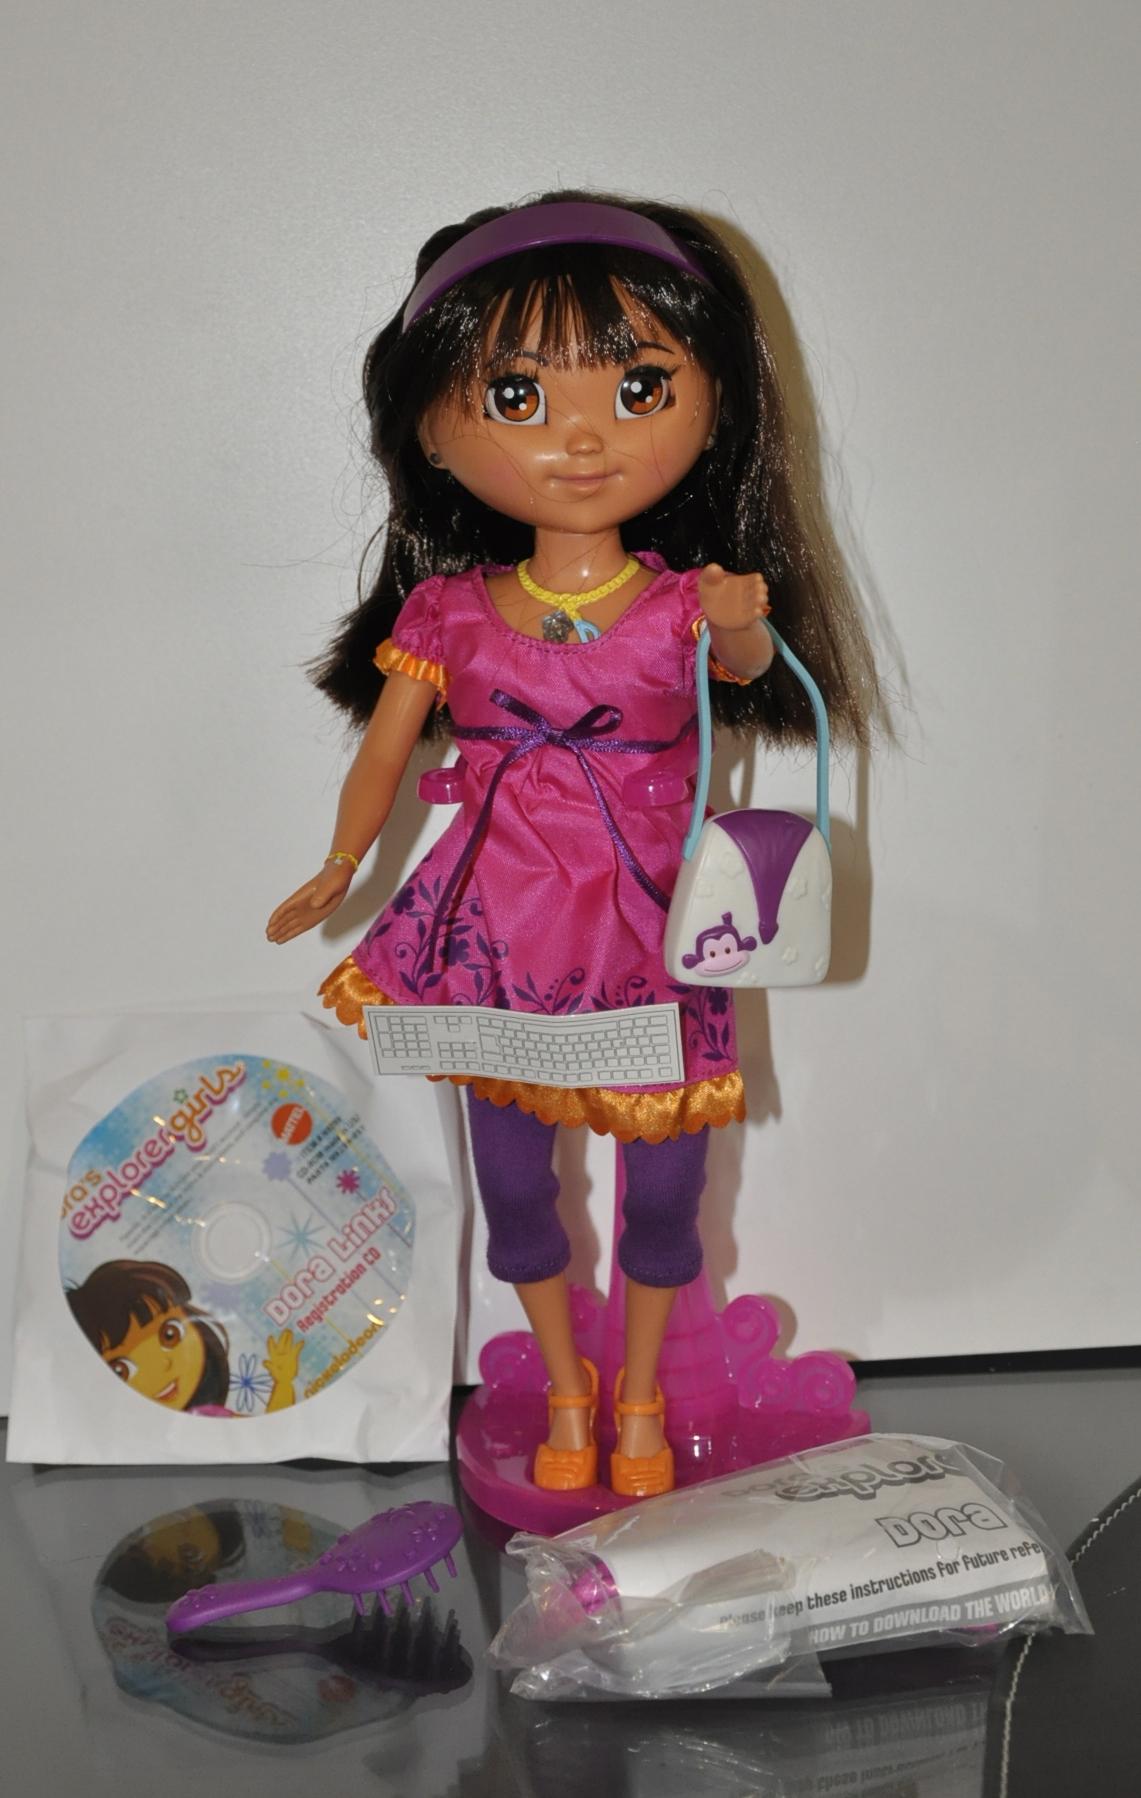 Dora U2019s Explorer Girls Dora Links Review  U2013 Chip Chicklets